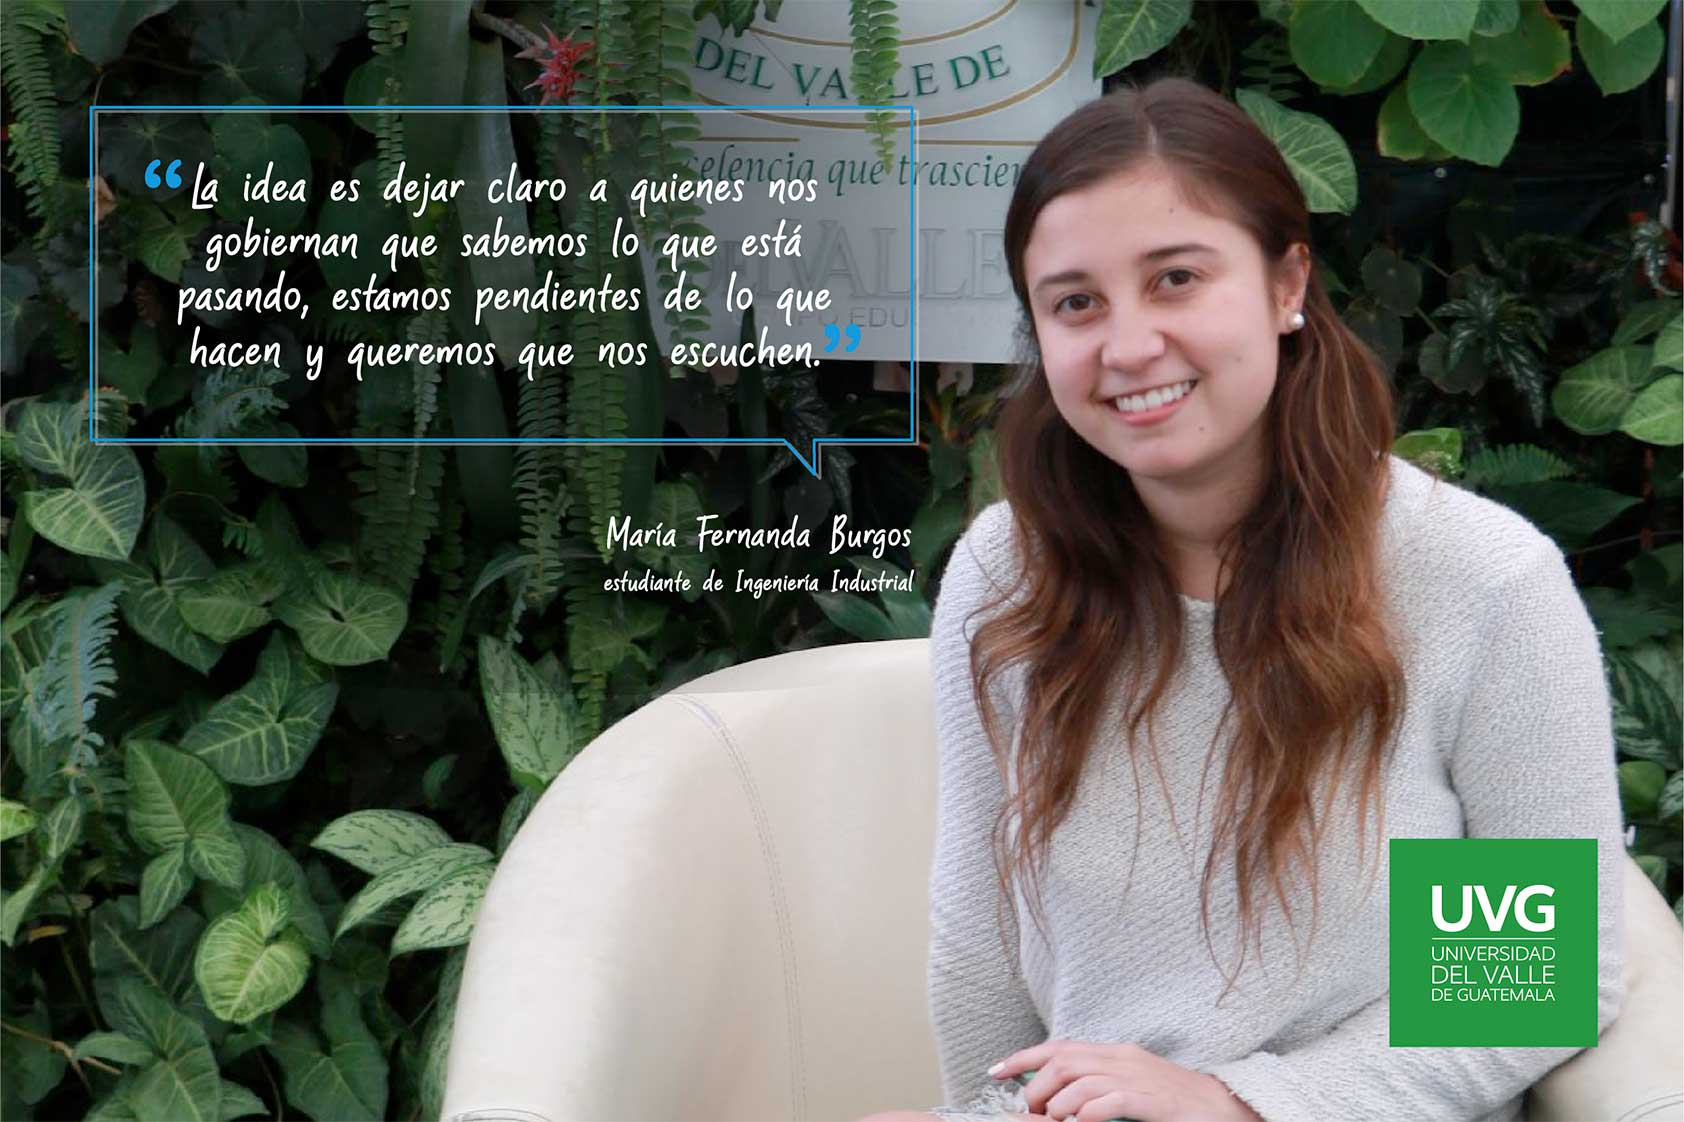 Estudiantes de UVG buscan incidir en propuestas para Guatemala